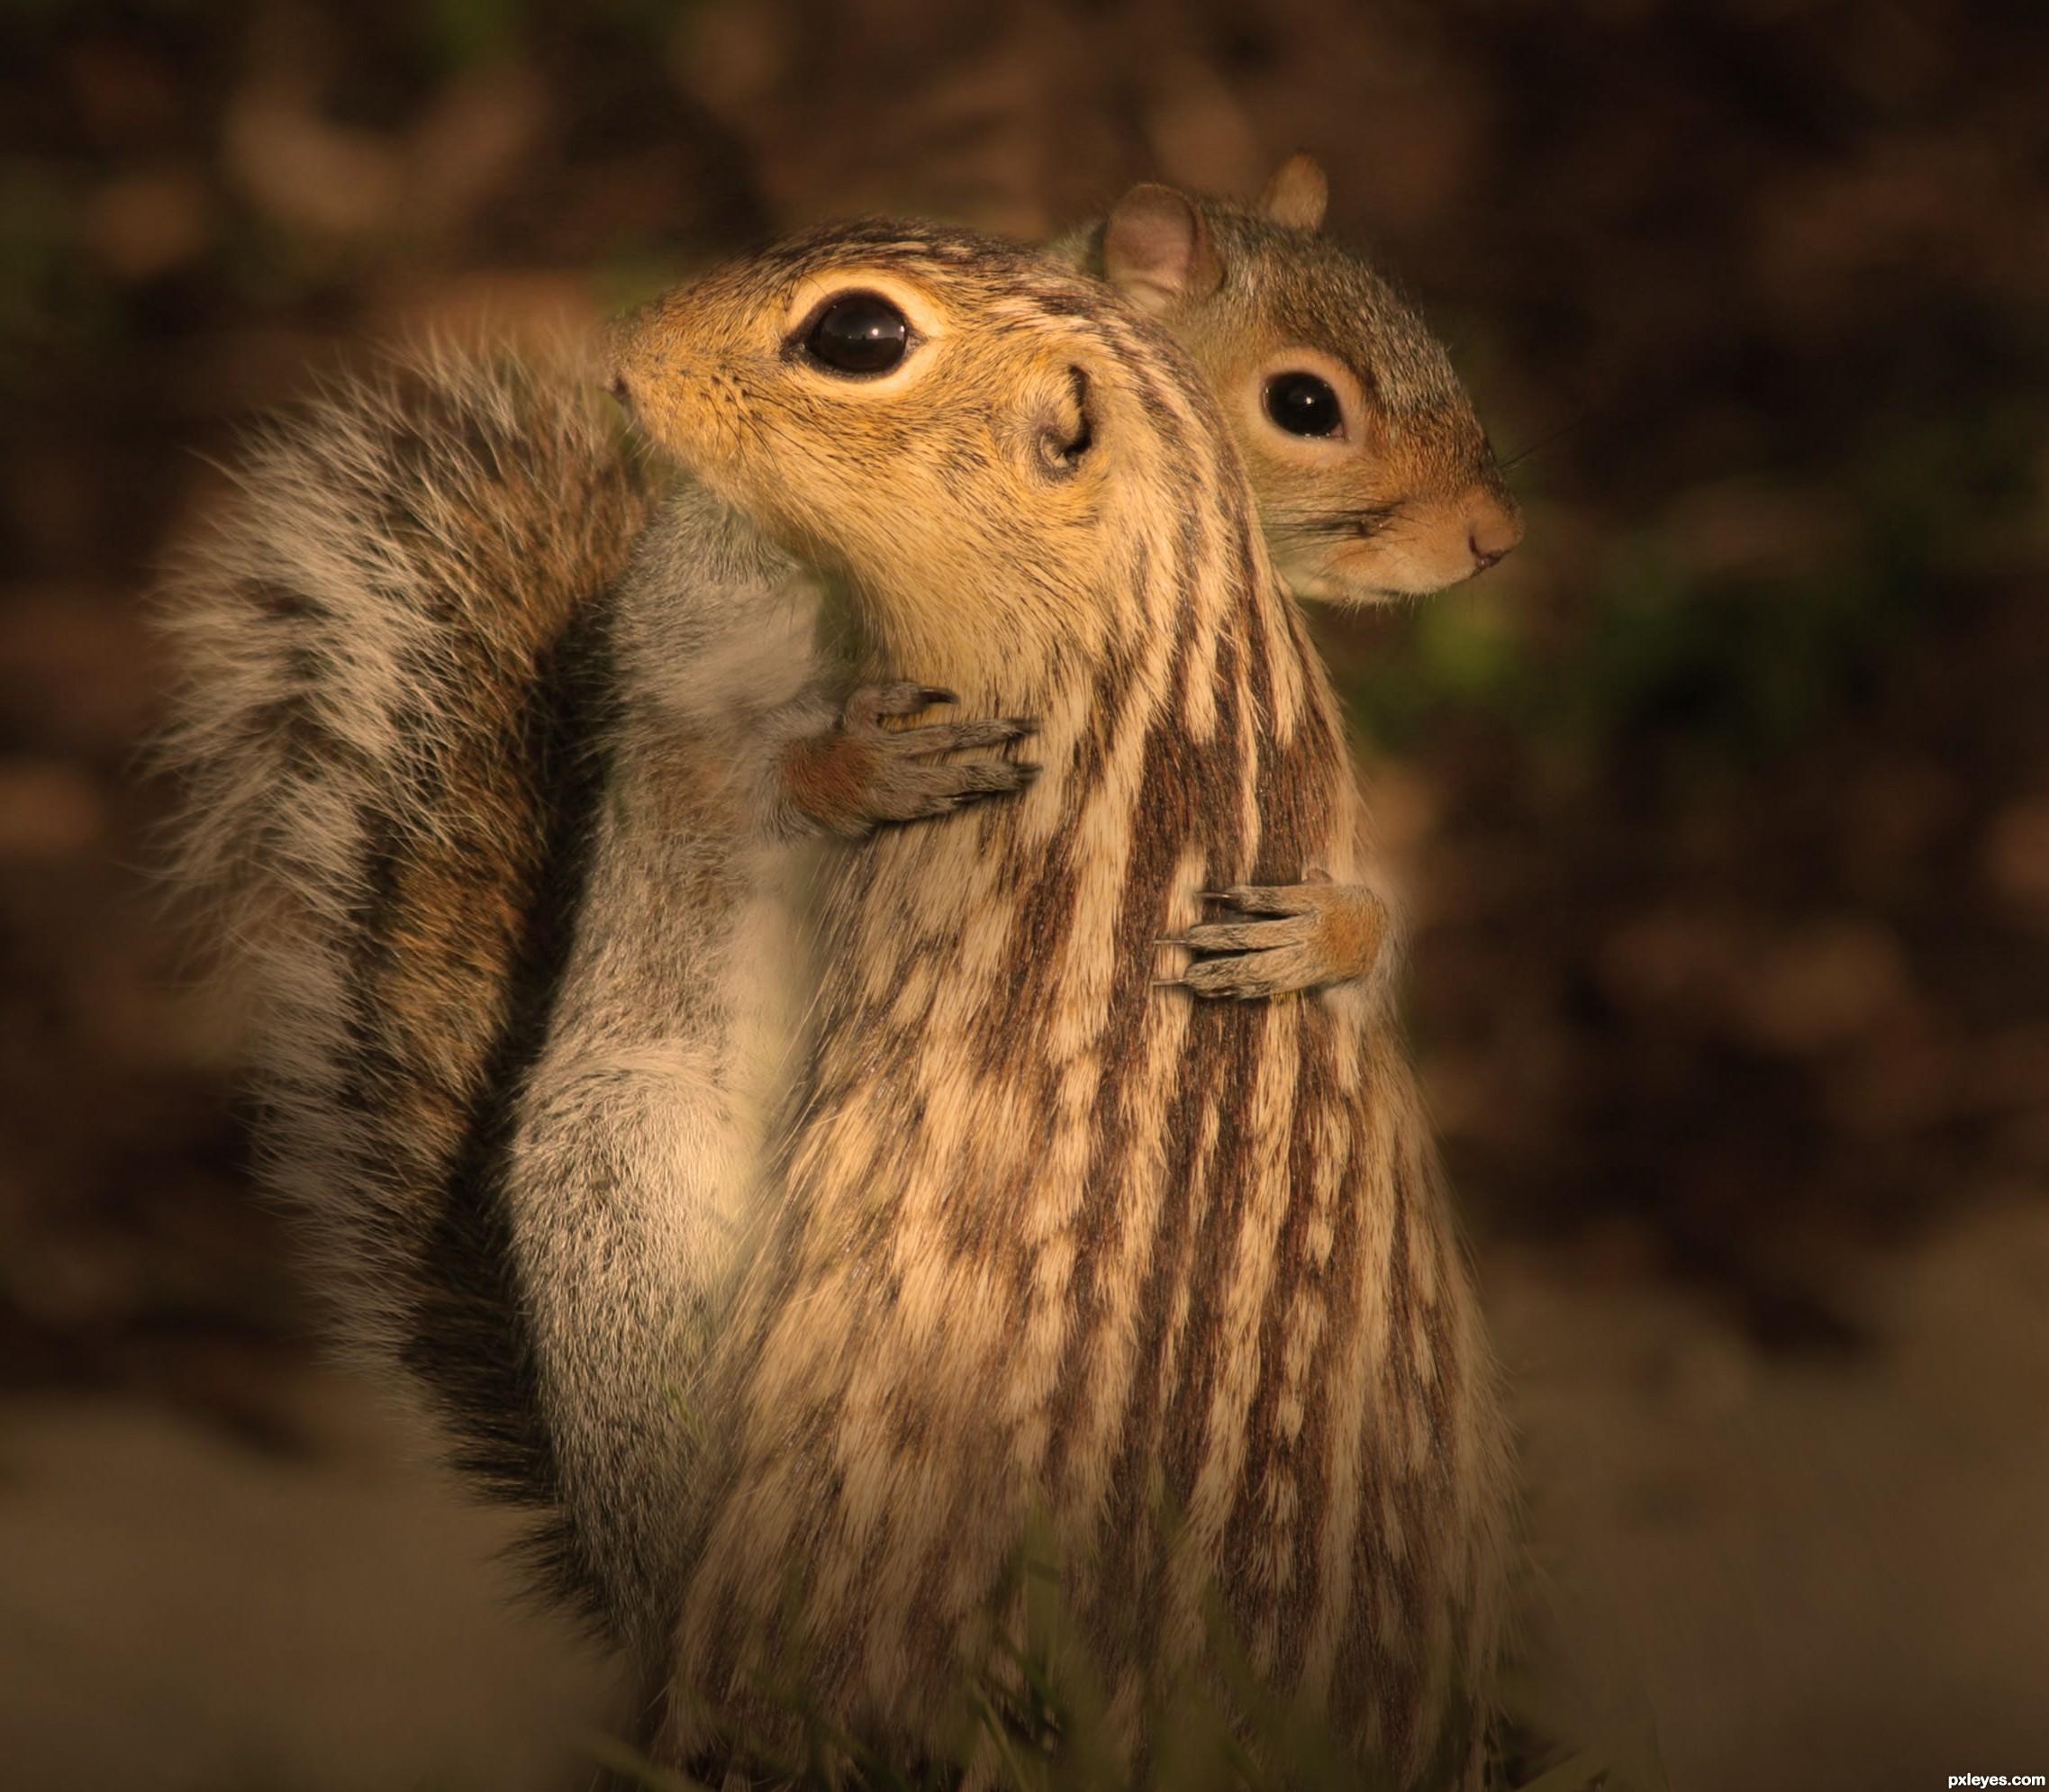 Cute squirrels in love - photo#15